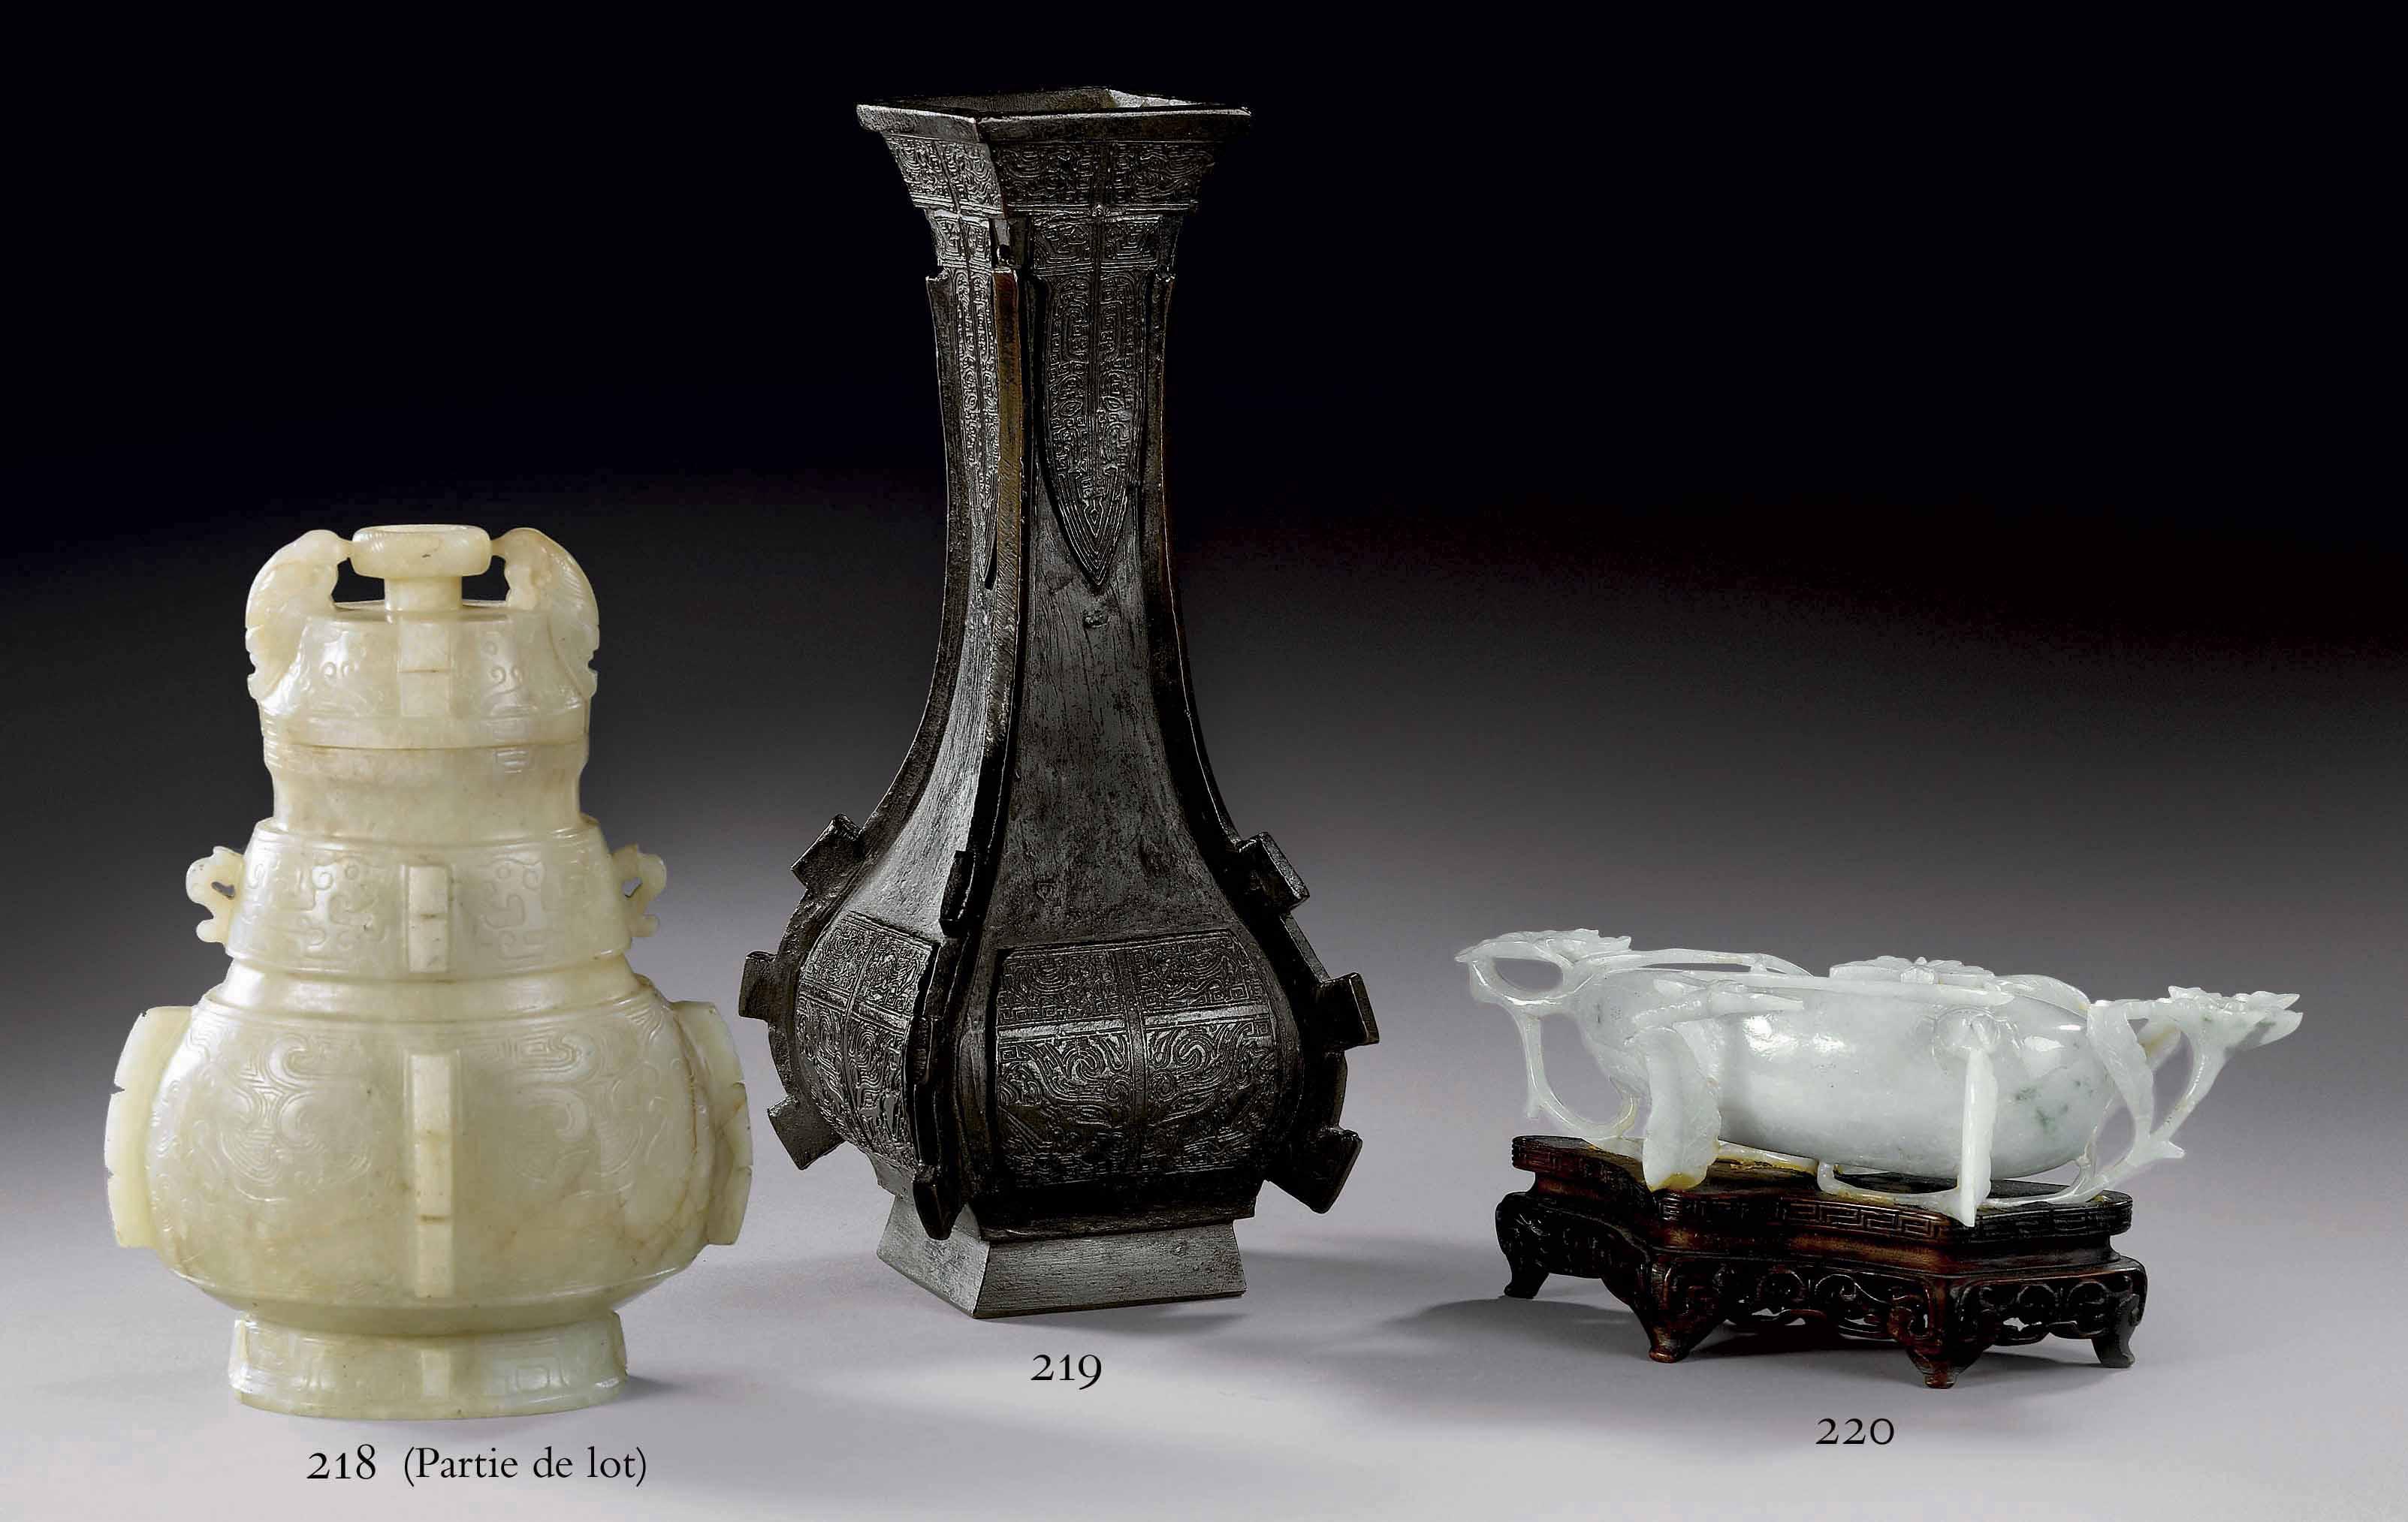 Mathilde M Voltige D/écoration de cire fondant parfum/ée /à fondre dans le br/ûle-essences /électriques ou /à bougie